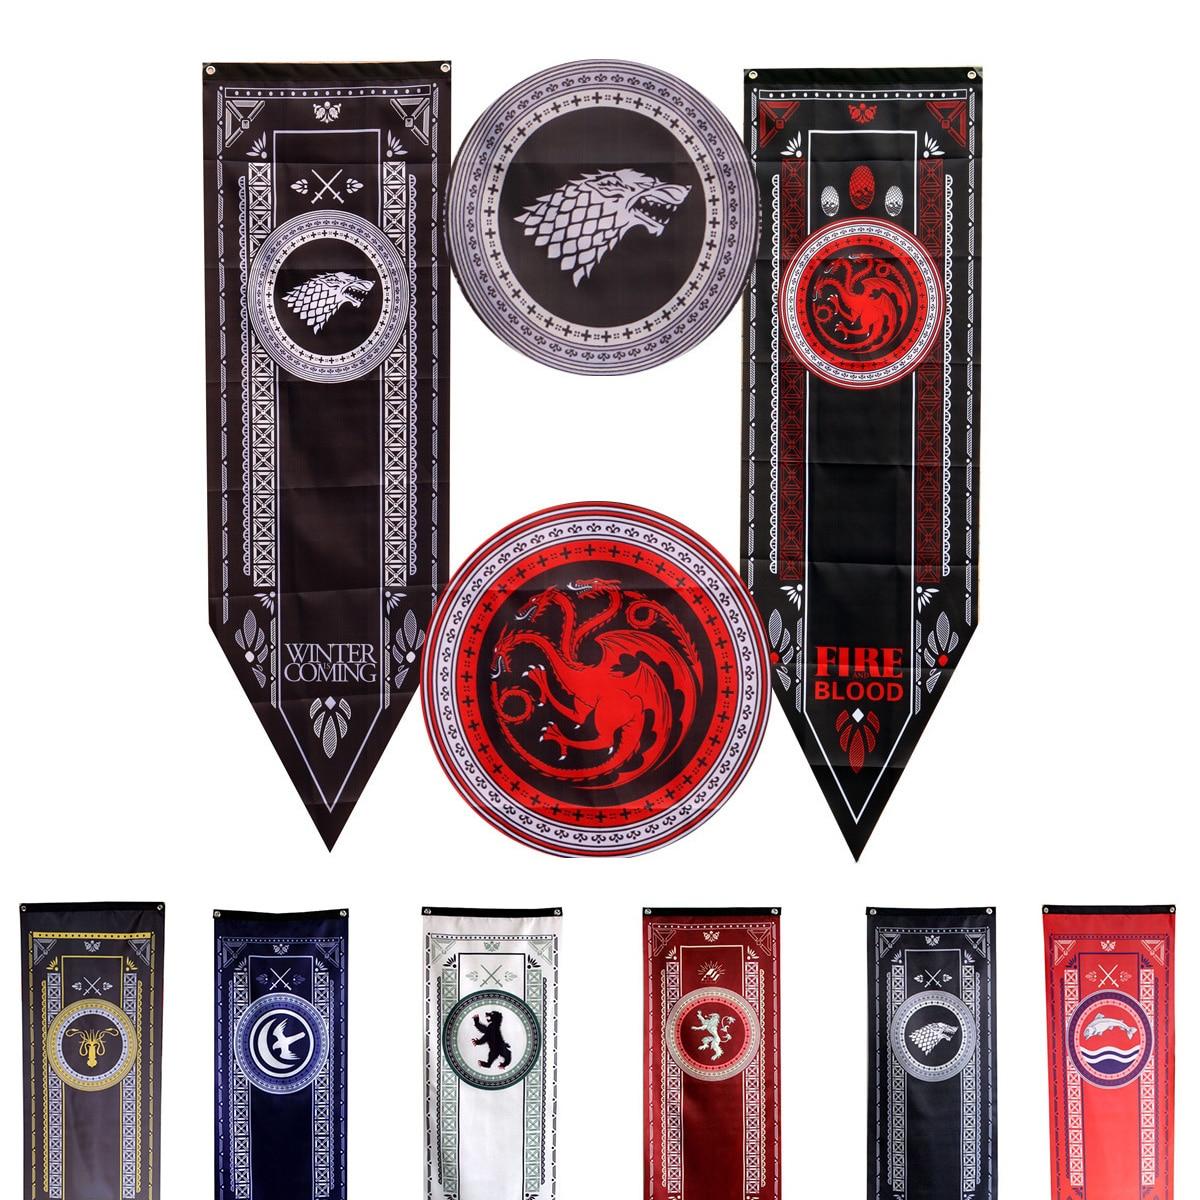 Toys & Hobbies Game Of Thrones Banner Home Decor Bar Flag House Stark Tully Targaryen Lannister Baratheon Bolton Got Decoration Flag